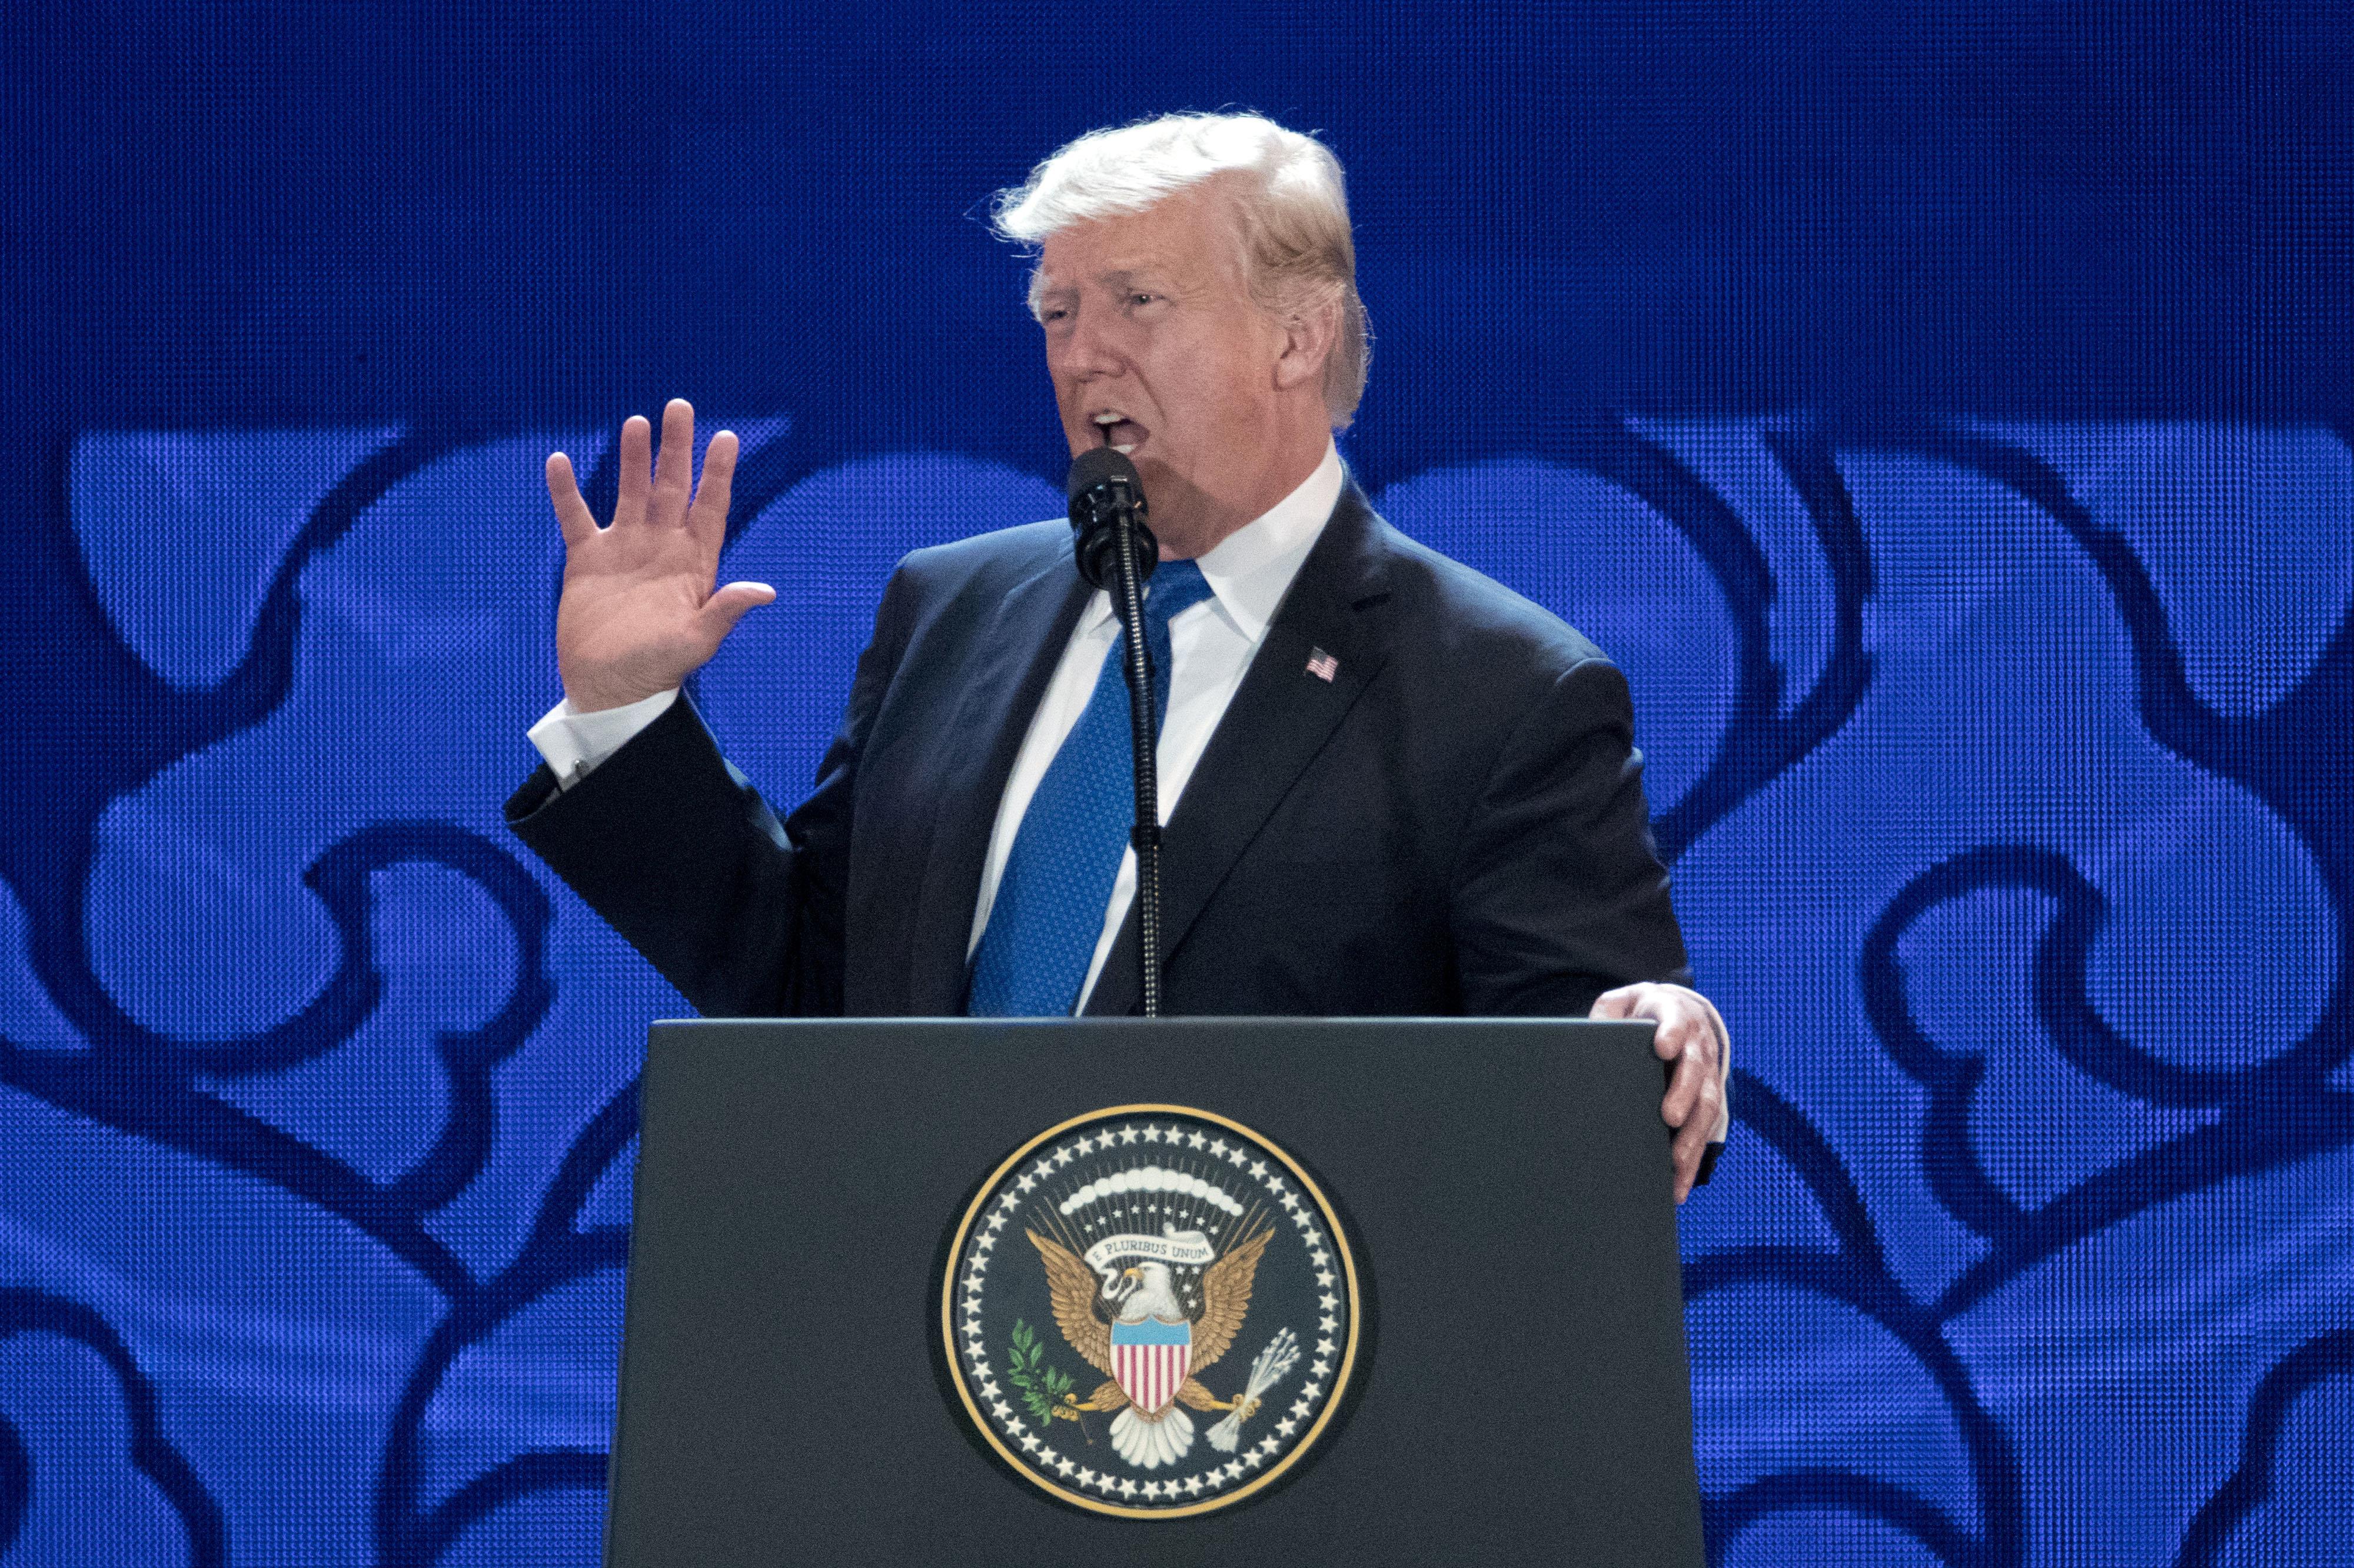 Les conséquences de la victoire de Donald Trump sont aussi controversées